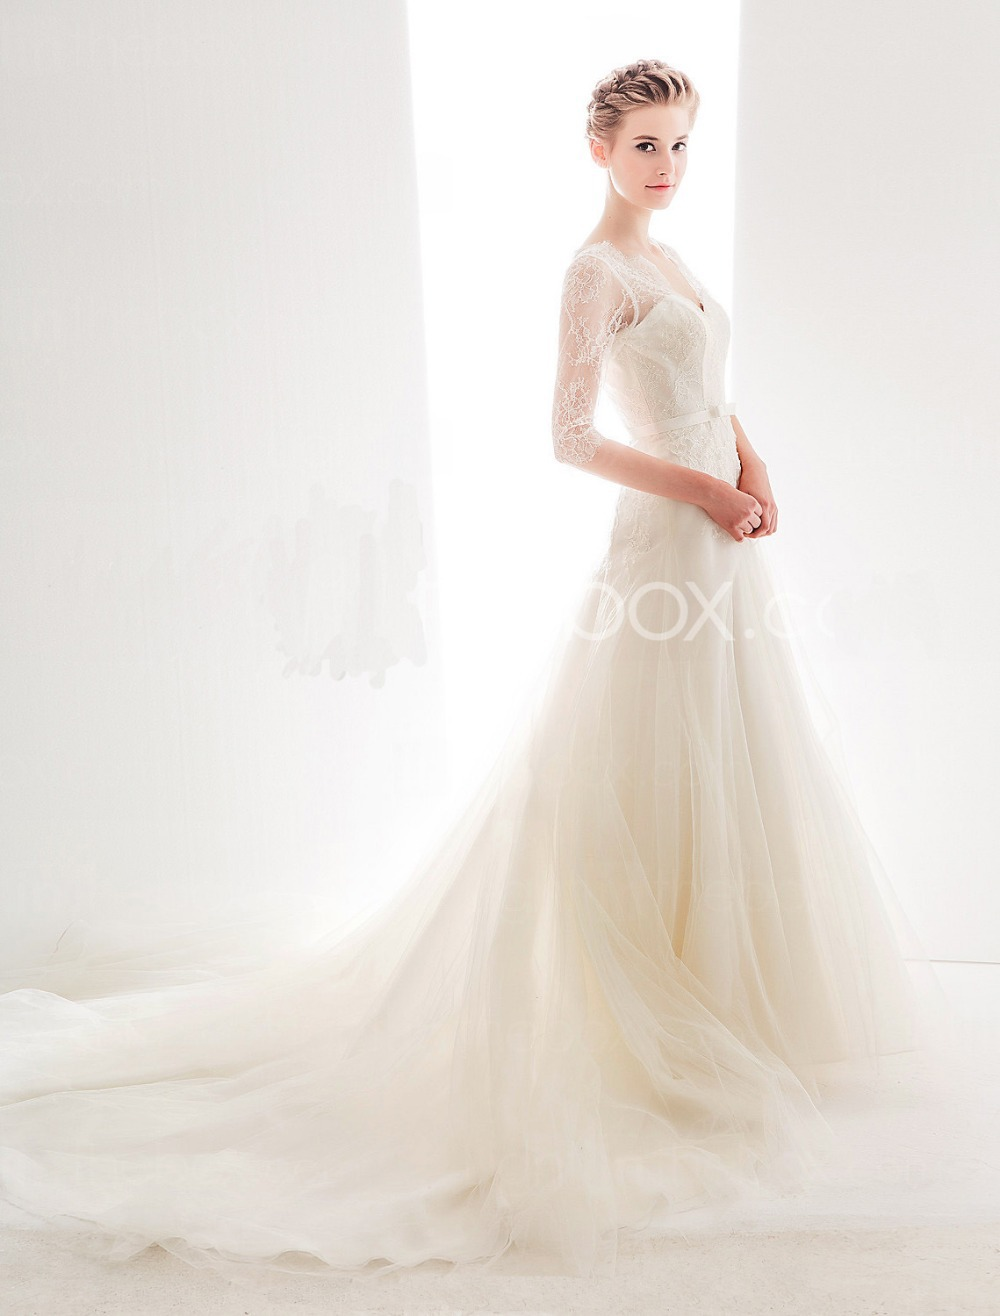 Queen Anne Neckline Wedding Dresses